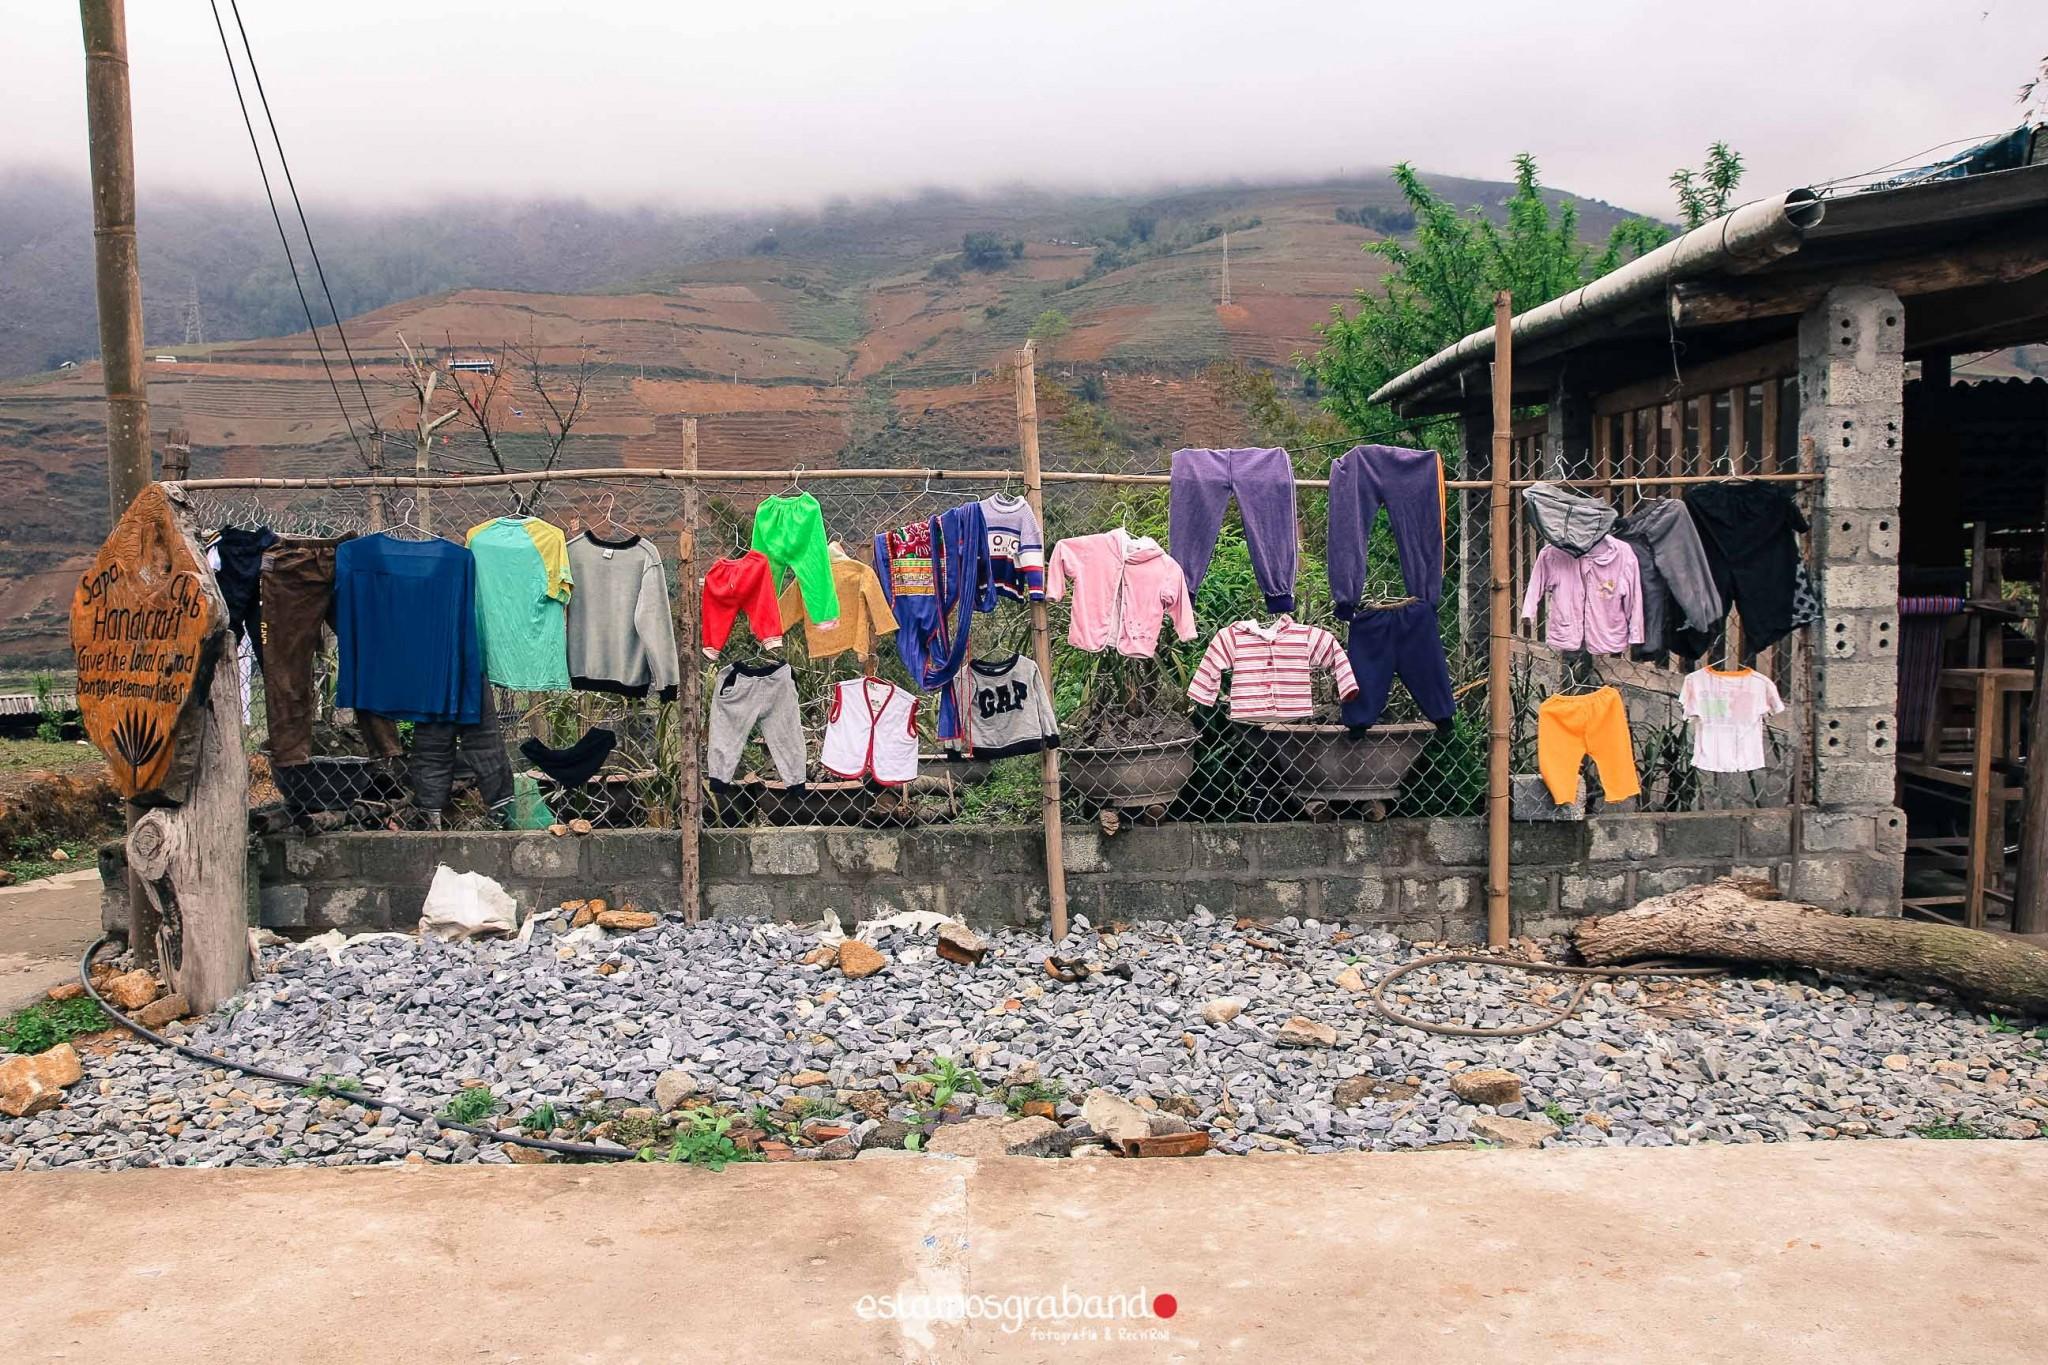 reportaje-vietnam_fotograficc81a-vietnam_estamosgrabando-vietnam_rutasvietnam_reportaje-retratos-fotos-vietnam_fotografia-vietnam_reportaje-estamosgrabando-fotograficc81a-vietnam-22 Pequeños grandes recuerdos de Vietnam en 100 imágenes - video boda cadiz